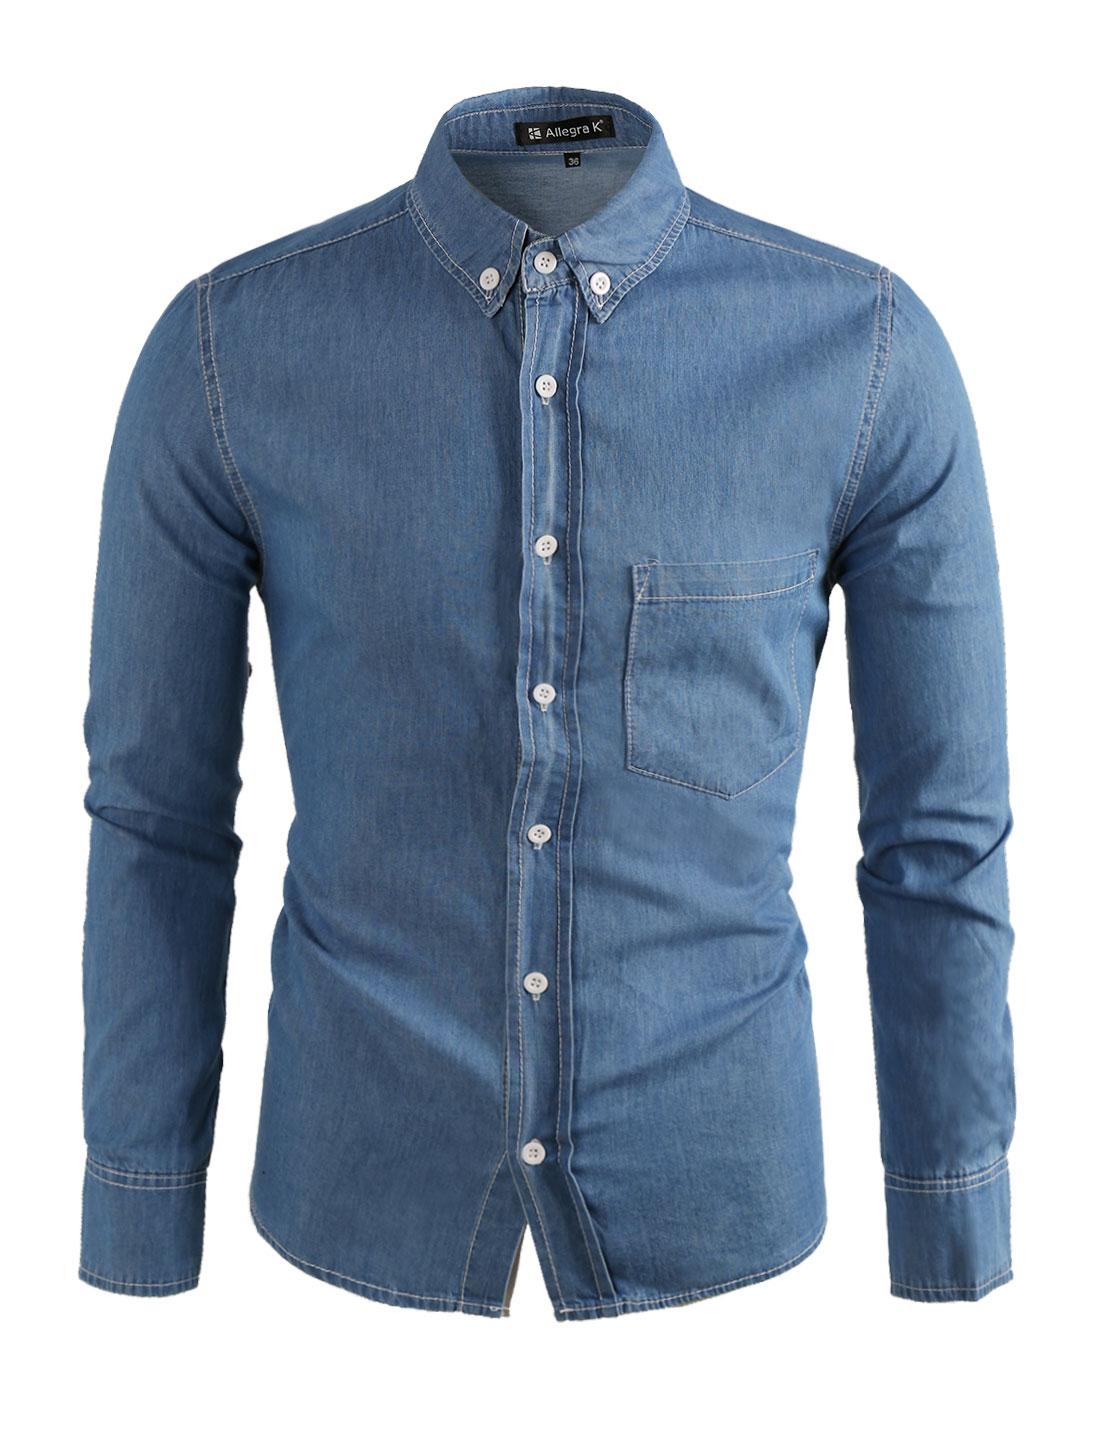 Men Button Up Point Collar Long Sleeves Denim Shirt Blue L